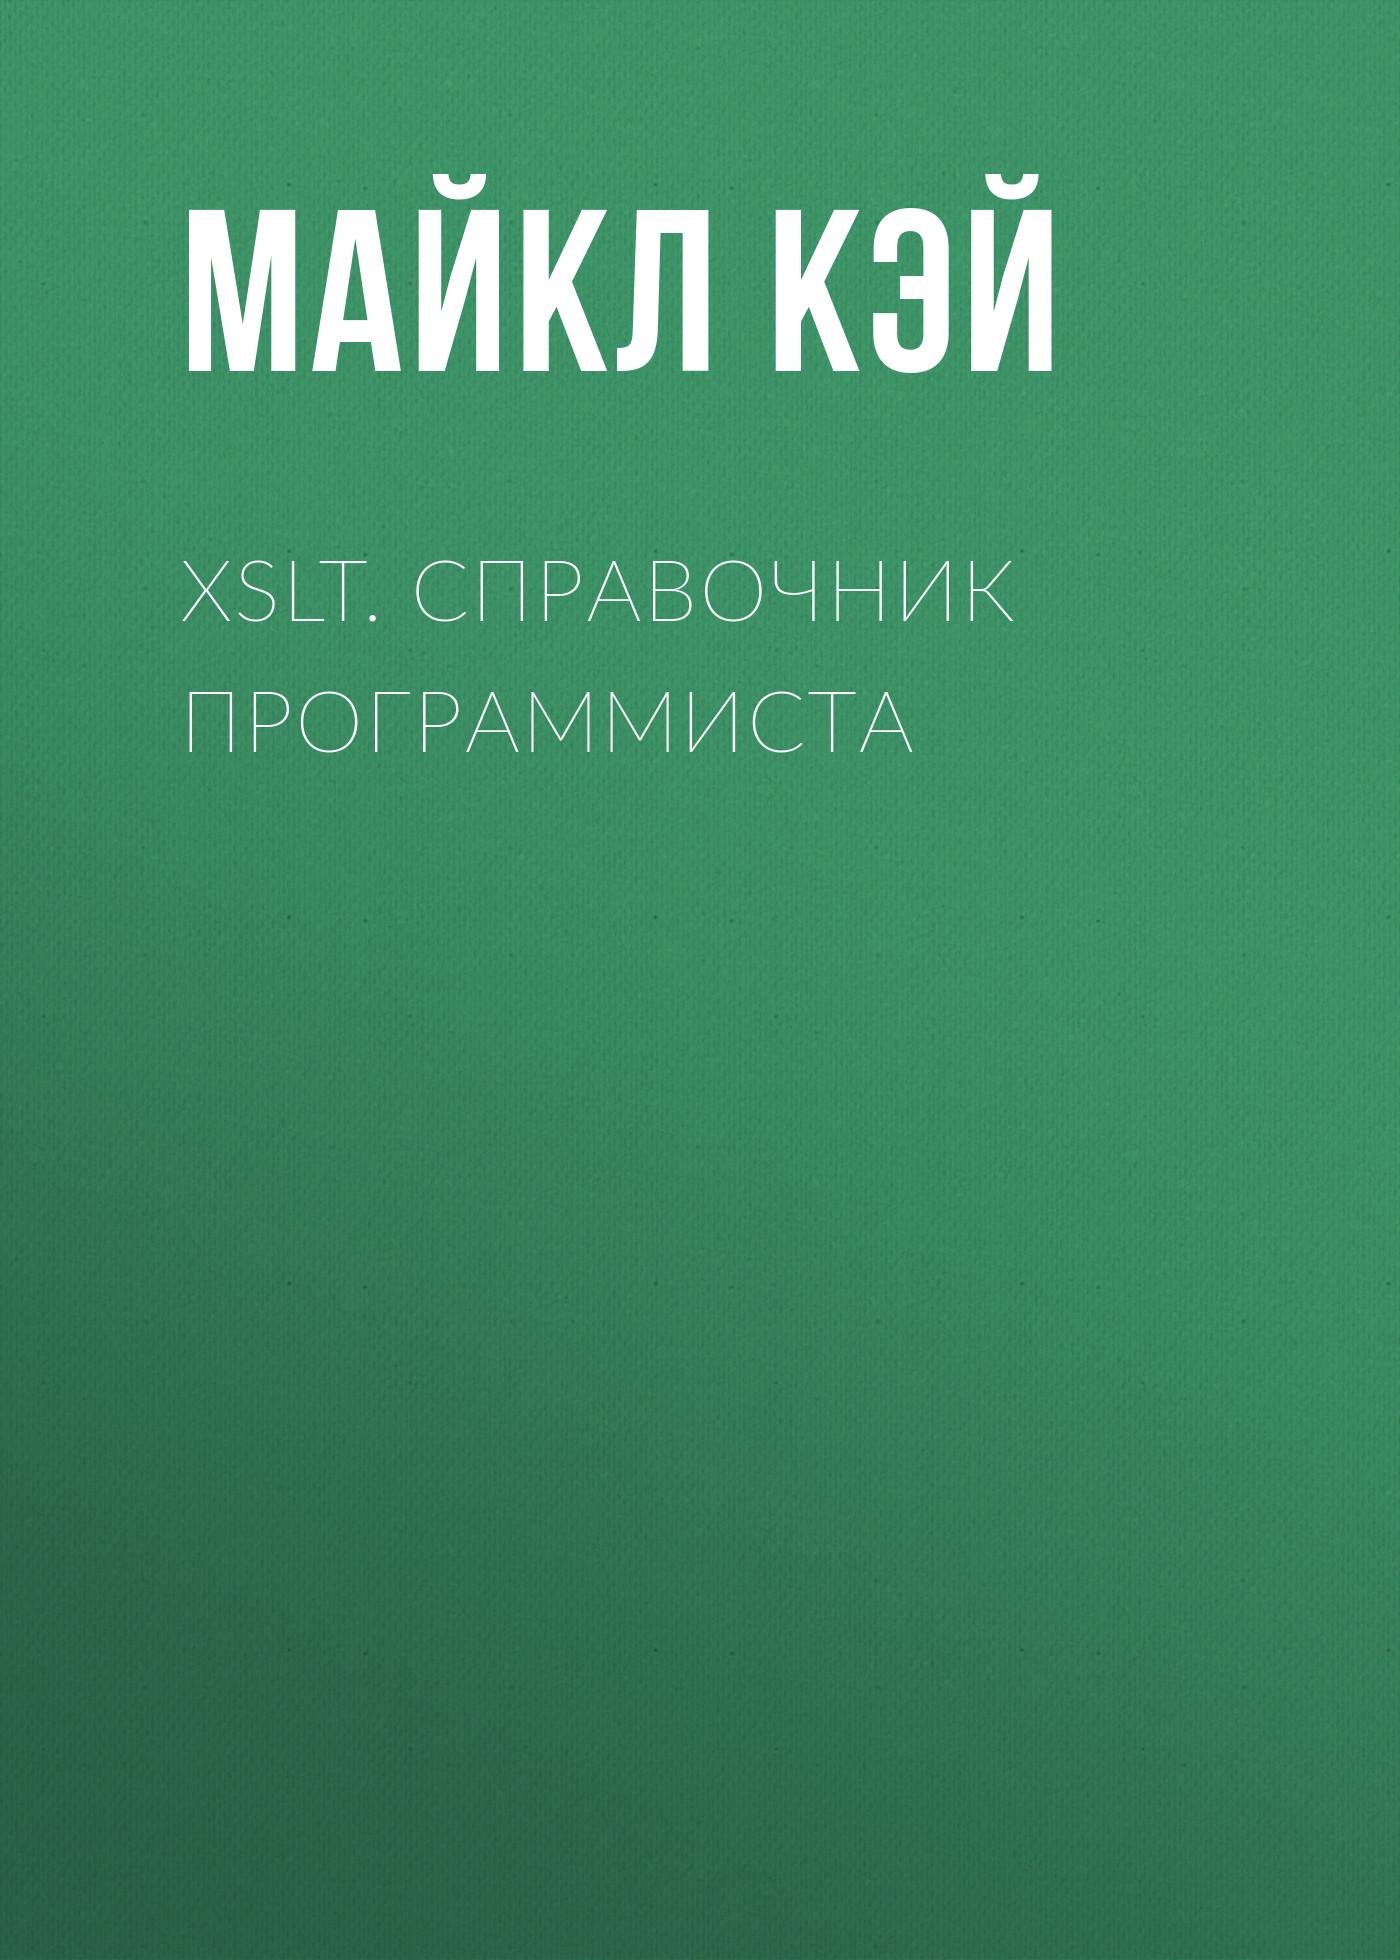 Майкл Кэй XSLT. Справочник программиста sitemap 121 xml